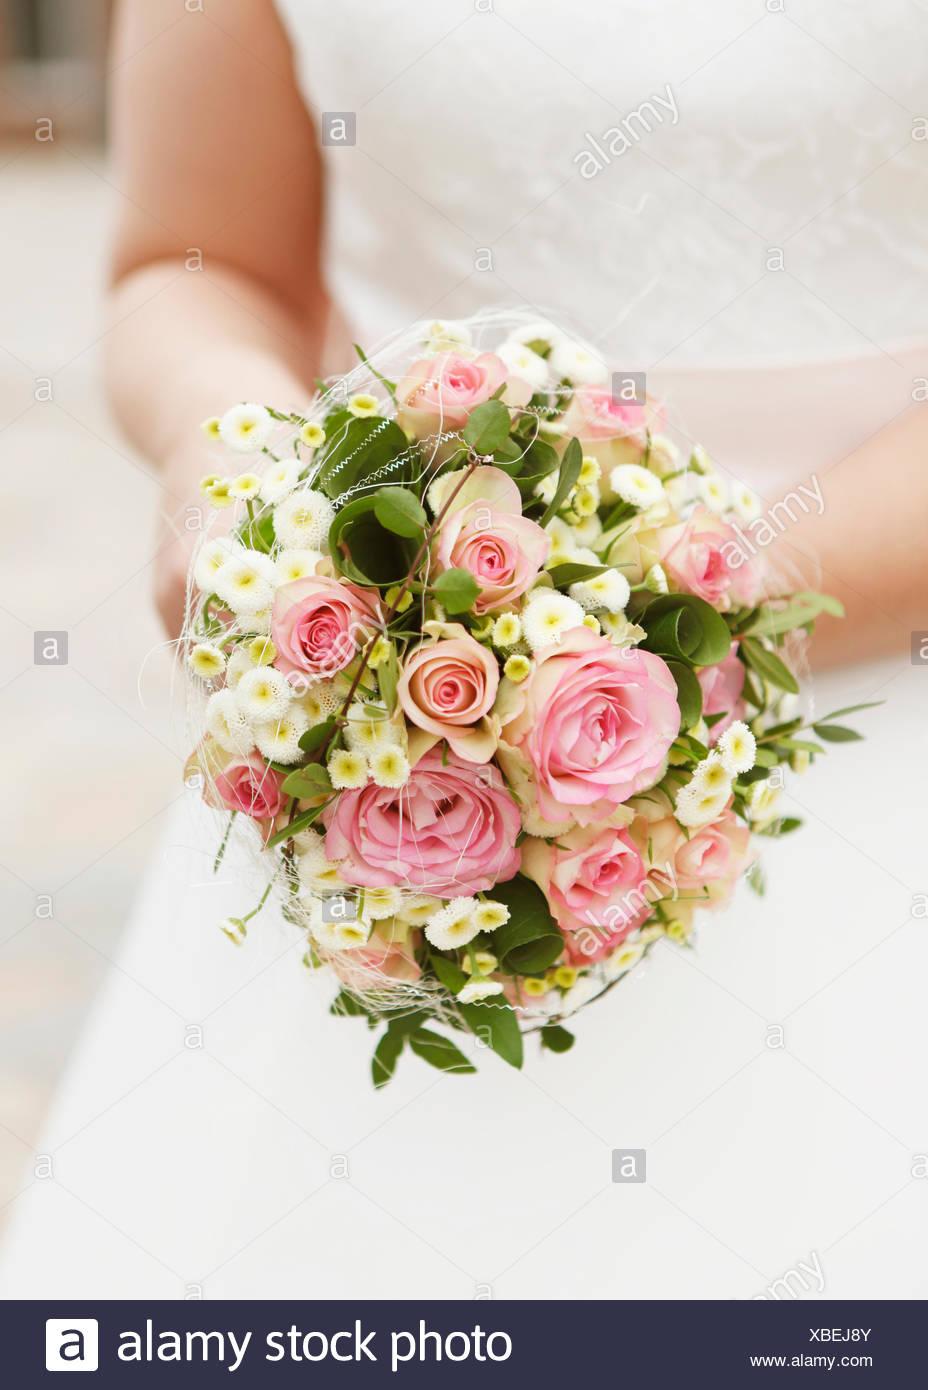 eine Braut mit Brautstrau rosa Rosen kein Gesicht Stock